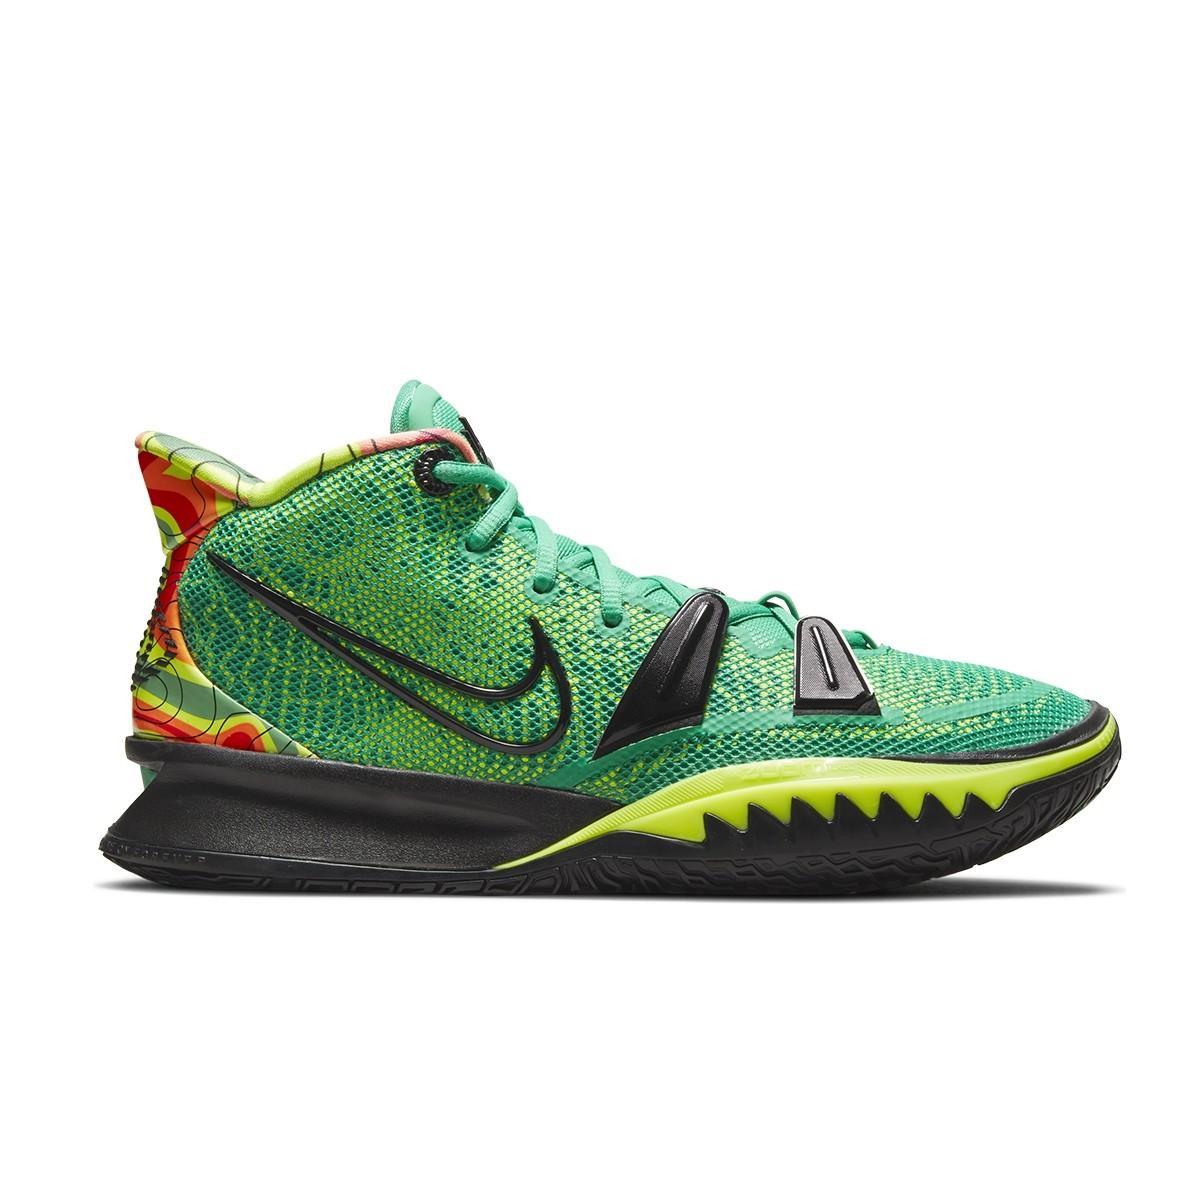 Nike Kyrie 7 'Weatherman'